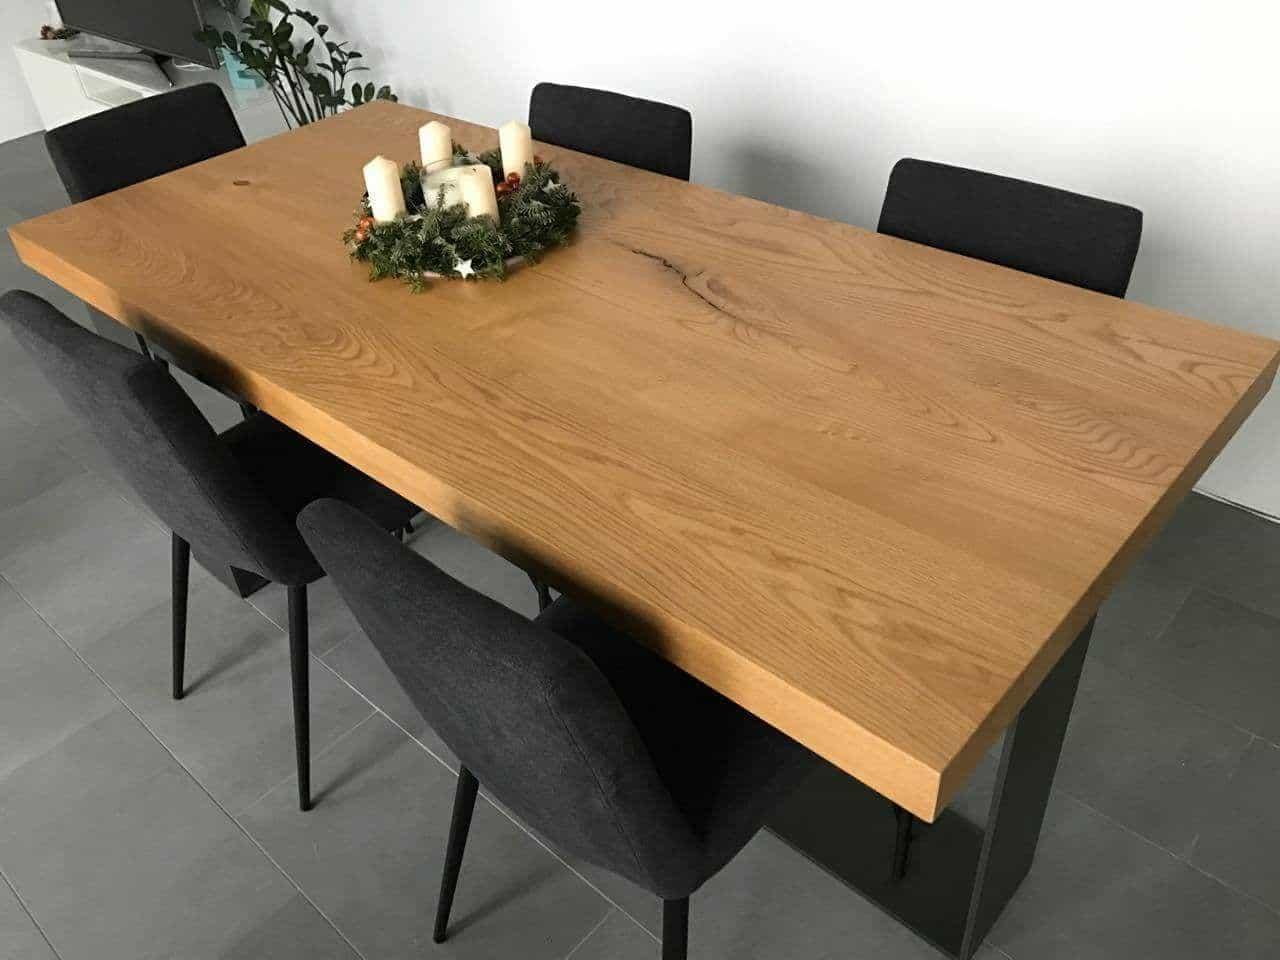 Realizzazione tavoli su misura in legno bergamo for Tavoli estensibili in legno